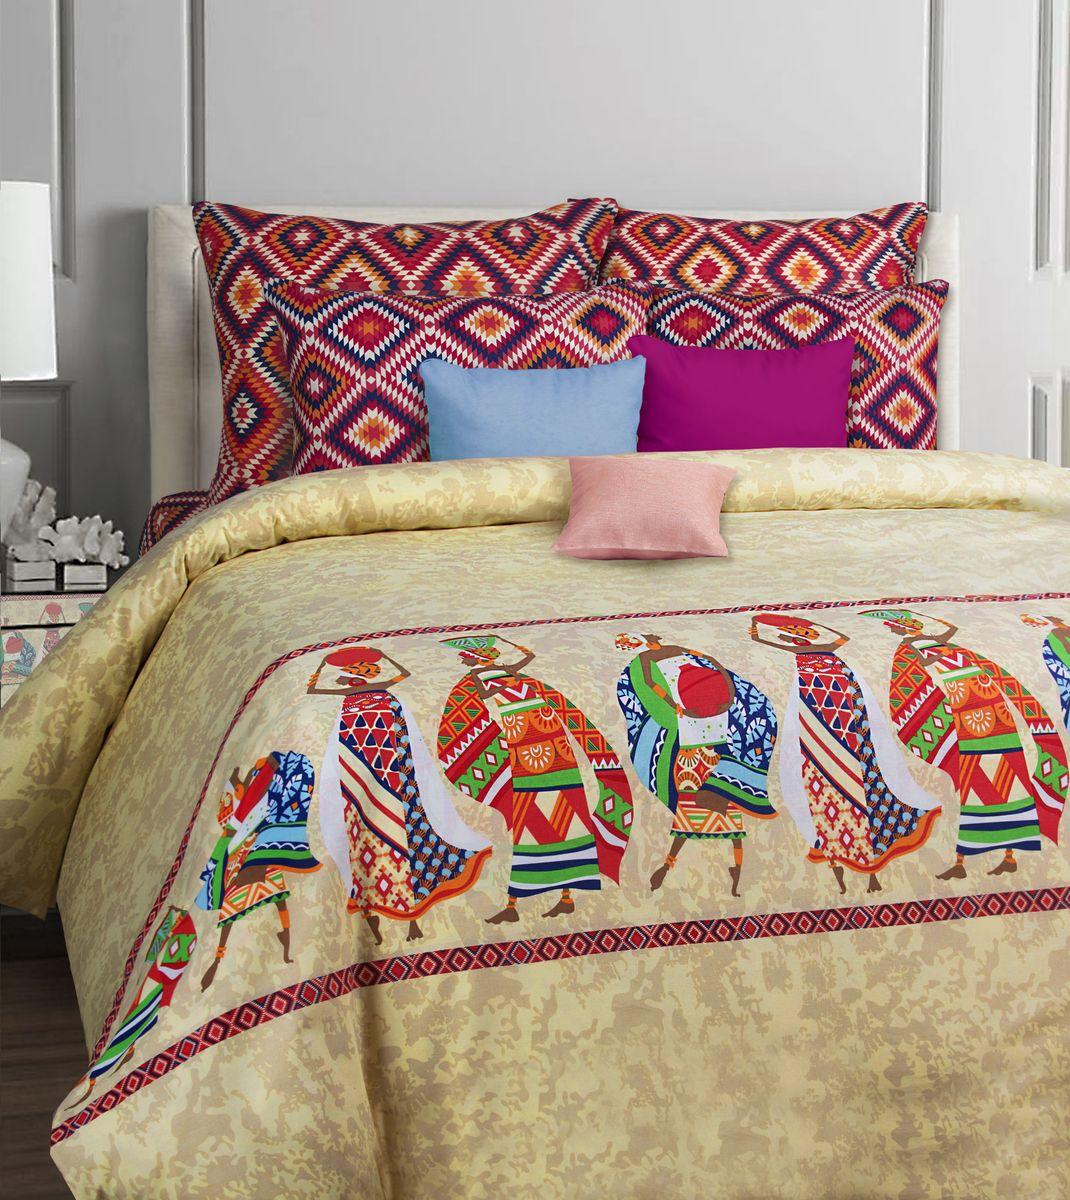 Комплект постельного белья Mona Liza Classik. Afrika, 1,5-спальный, наволочки 50х70, бязь551116/44Коллекция постельного белья MONA LIZA Classic поражает многообразием дизайнов. Среди них легко подобрать необходимый рисунок, который создаст в доме уют. Комплекты выполнены из бязи 100 % хлопка.